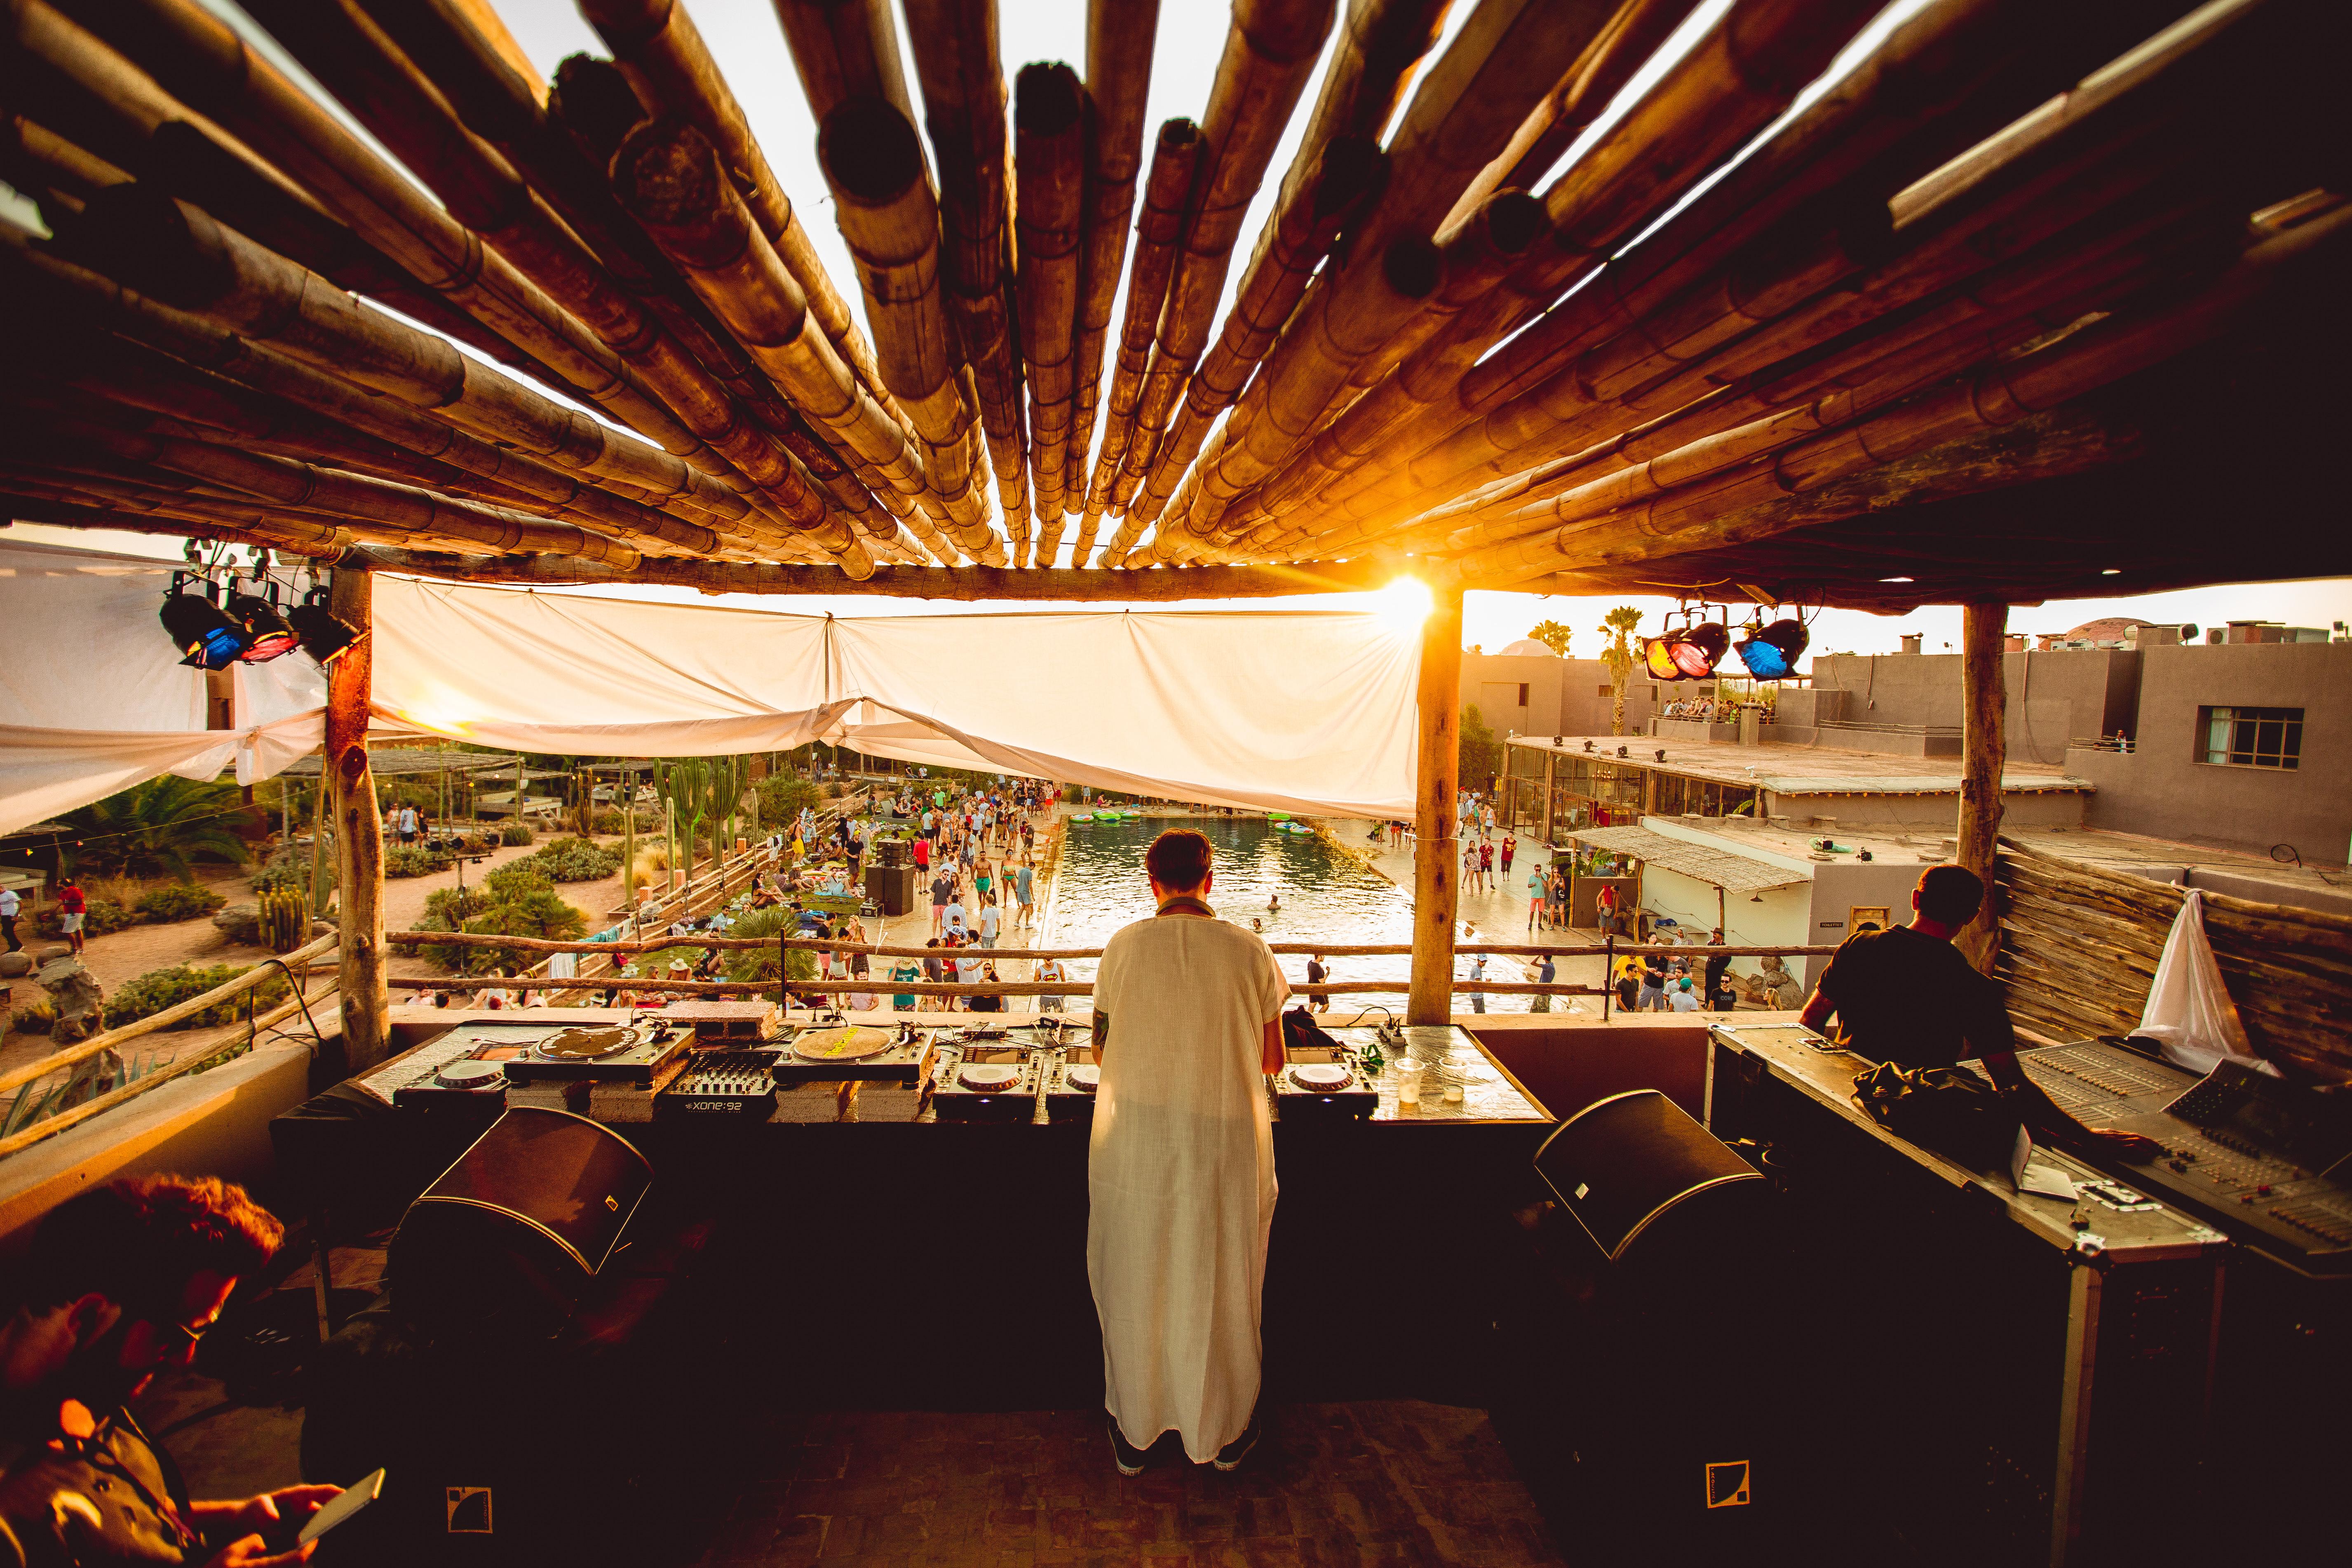 Gewinnt Tickets für das Oasis Festival in Marokko